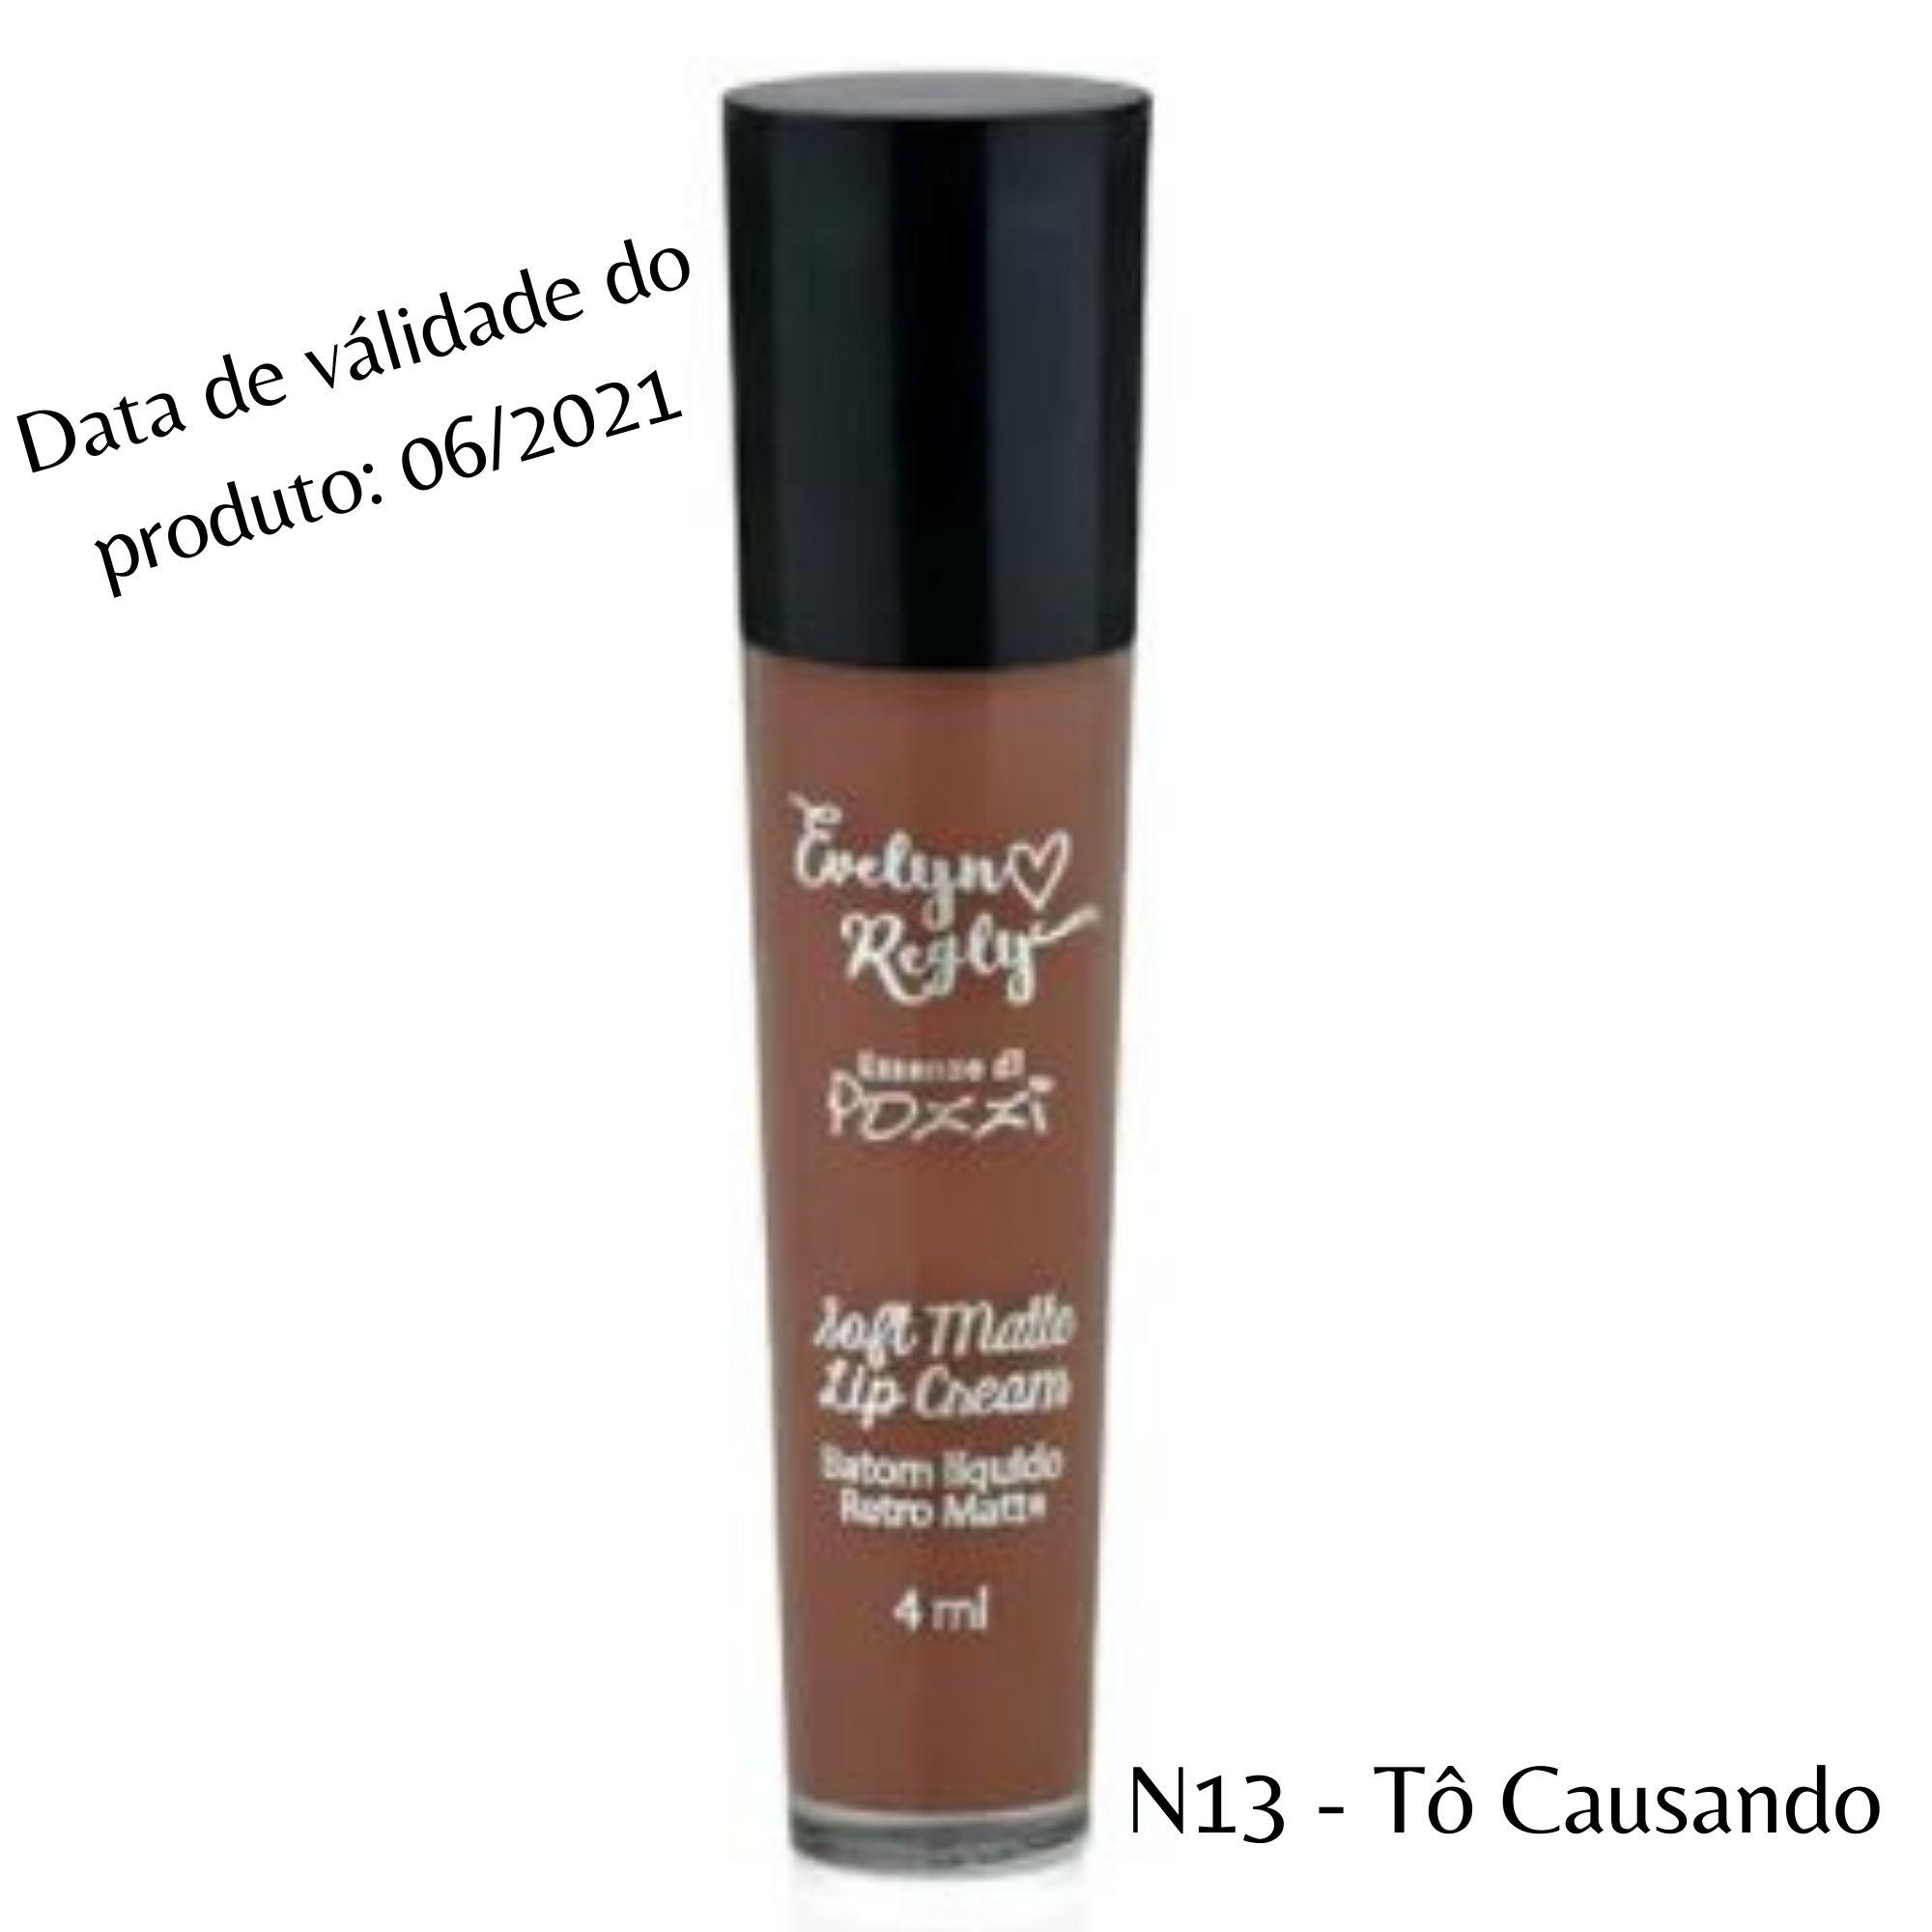 Pozzi - Batom Liquido  Matte  N° 13 To Causando - Valídade 06/2021